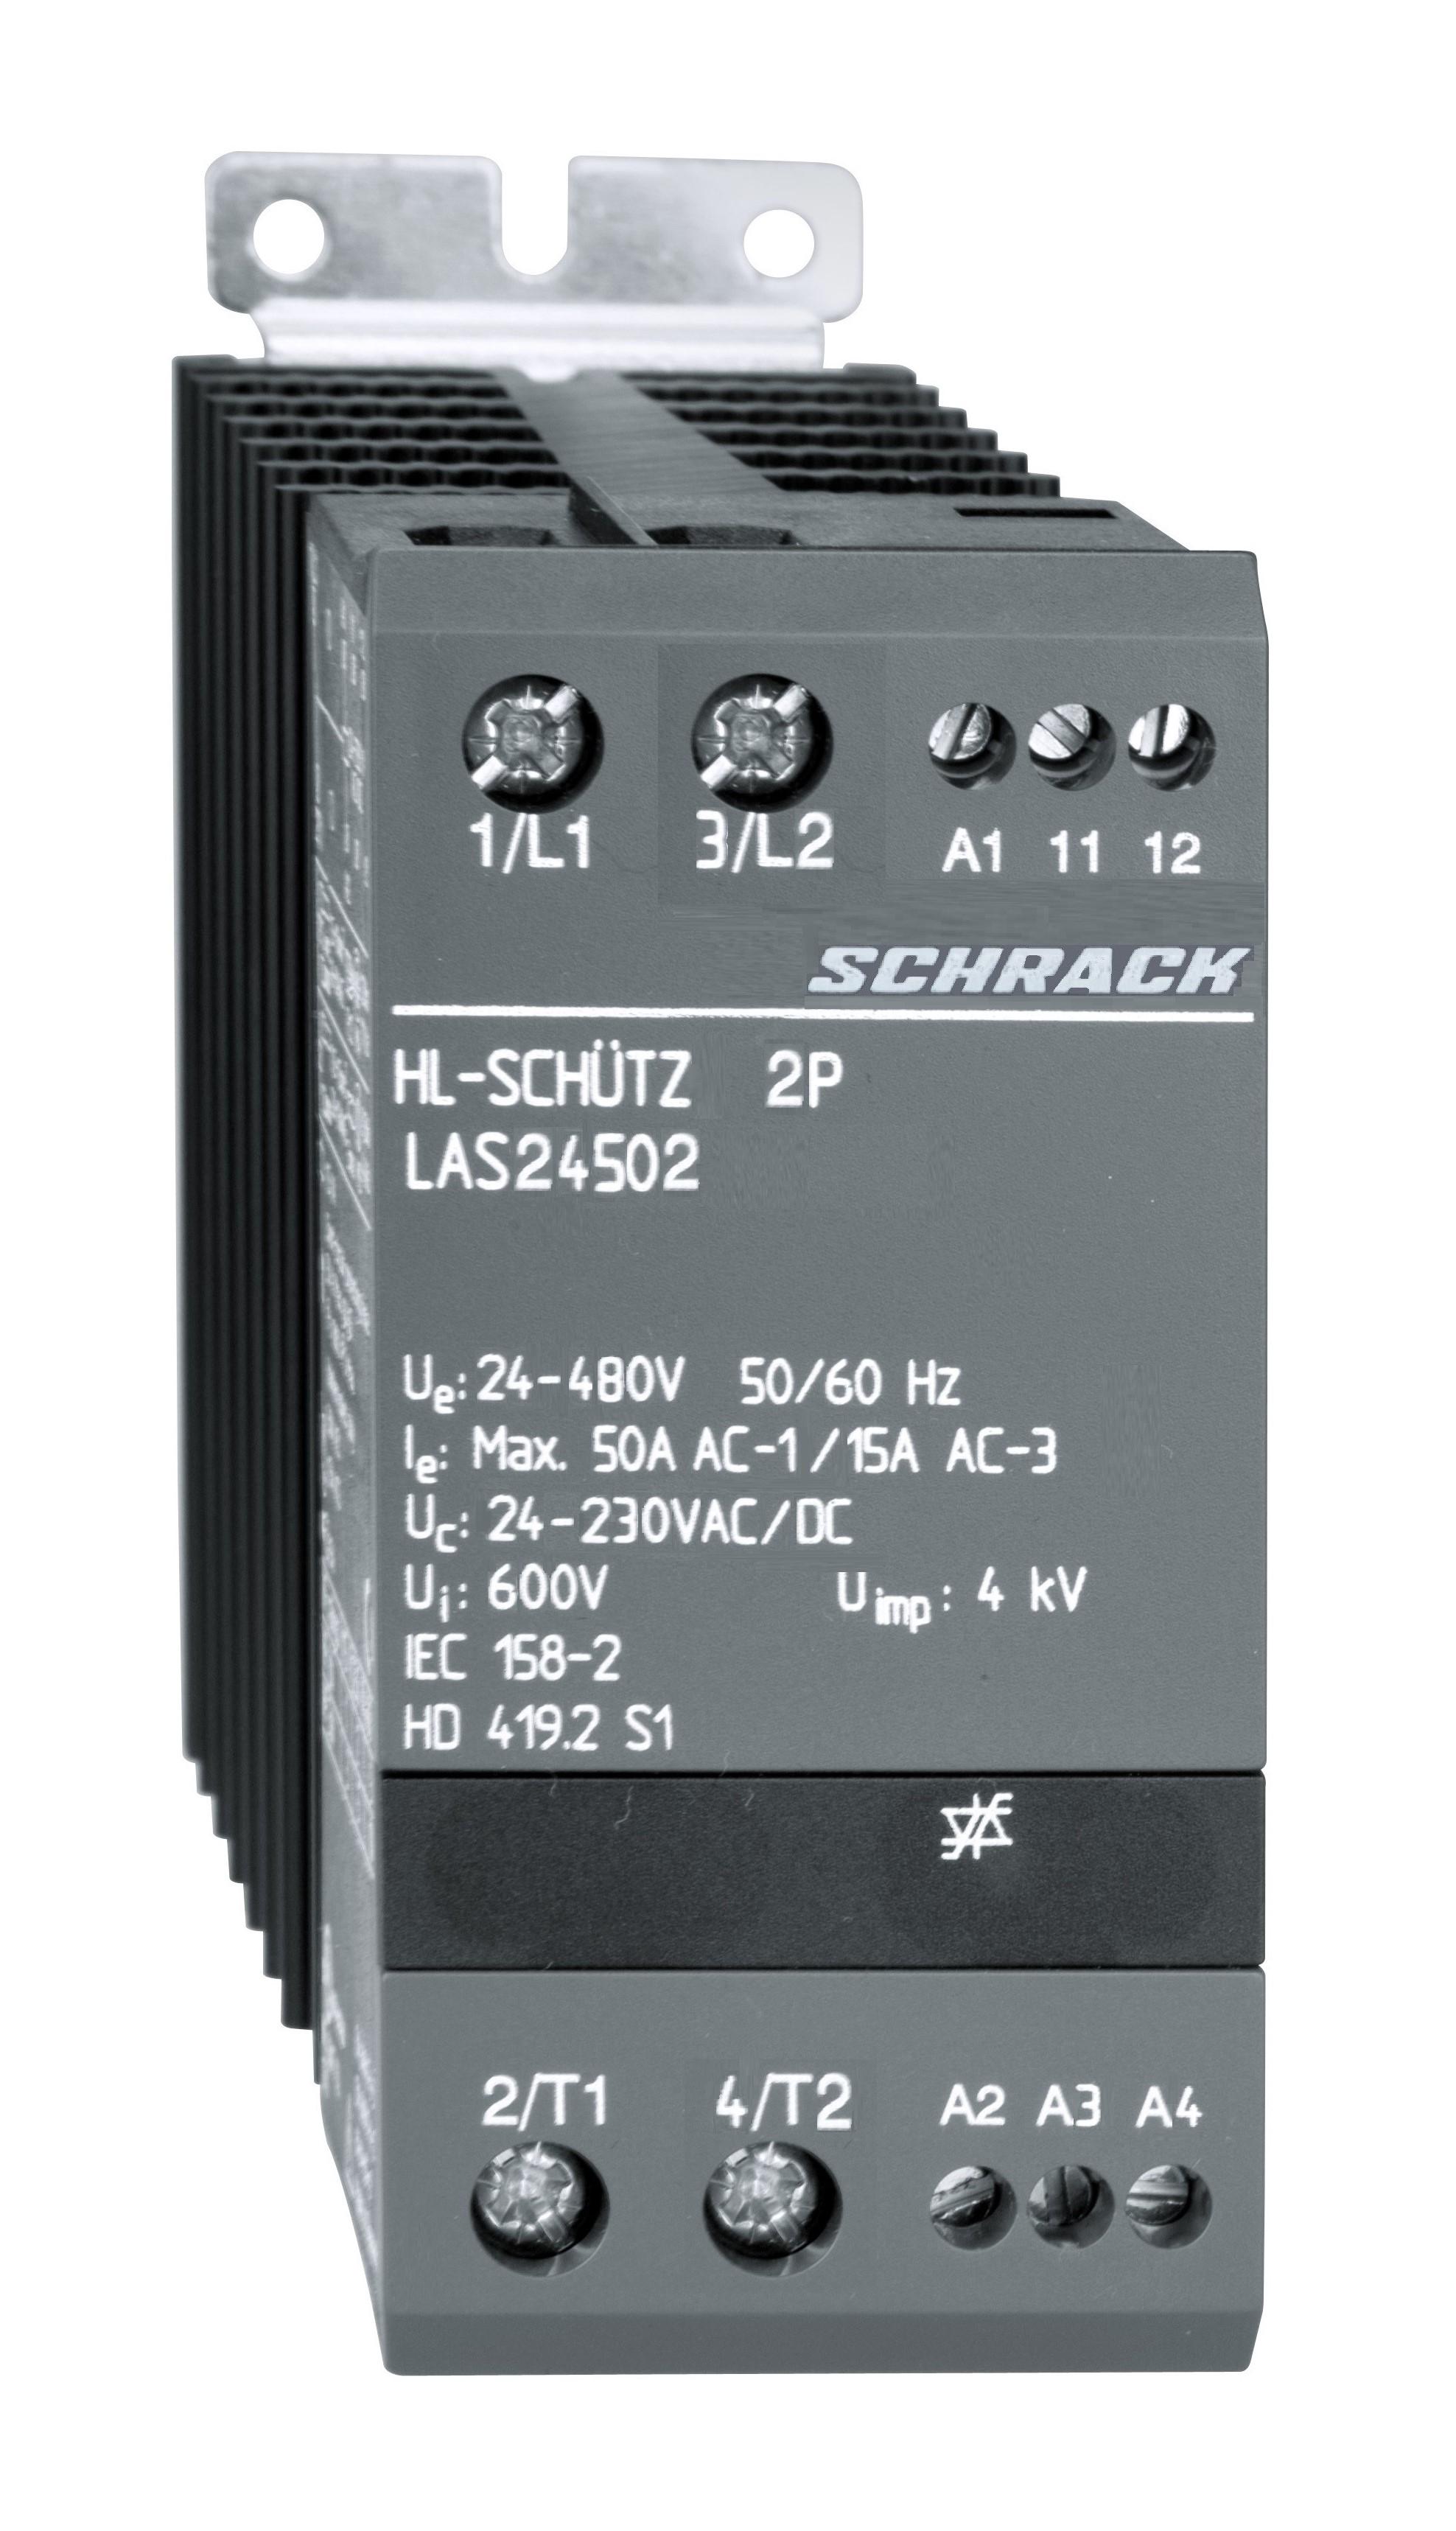 1 Stk Halbleiterschütz 2x1-polig 50A/24-480VAC, 24-230VAC/DC LAS24502--